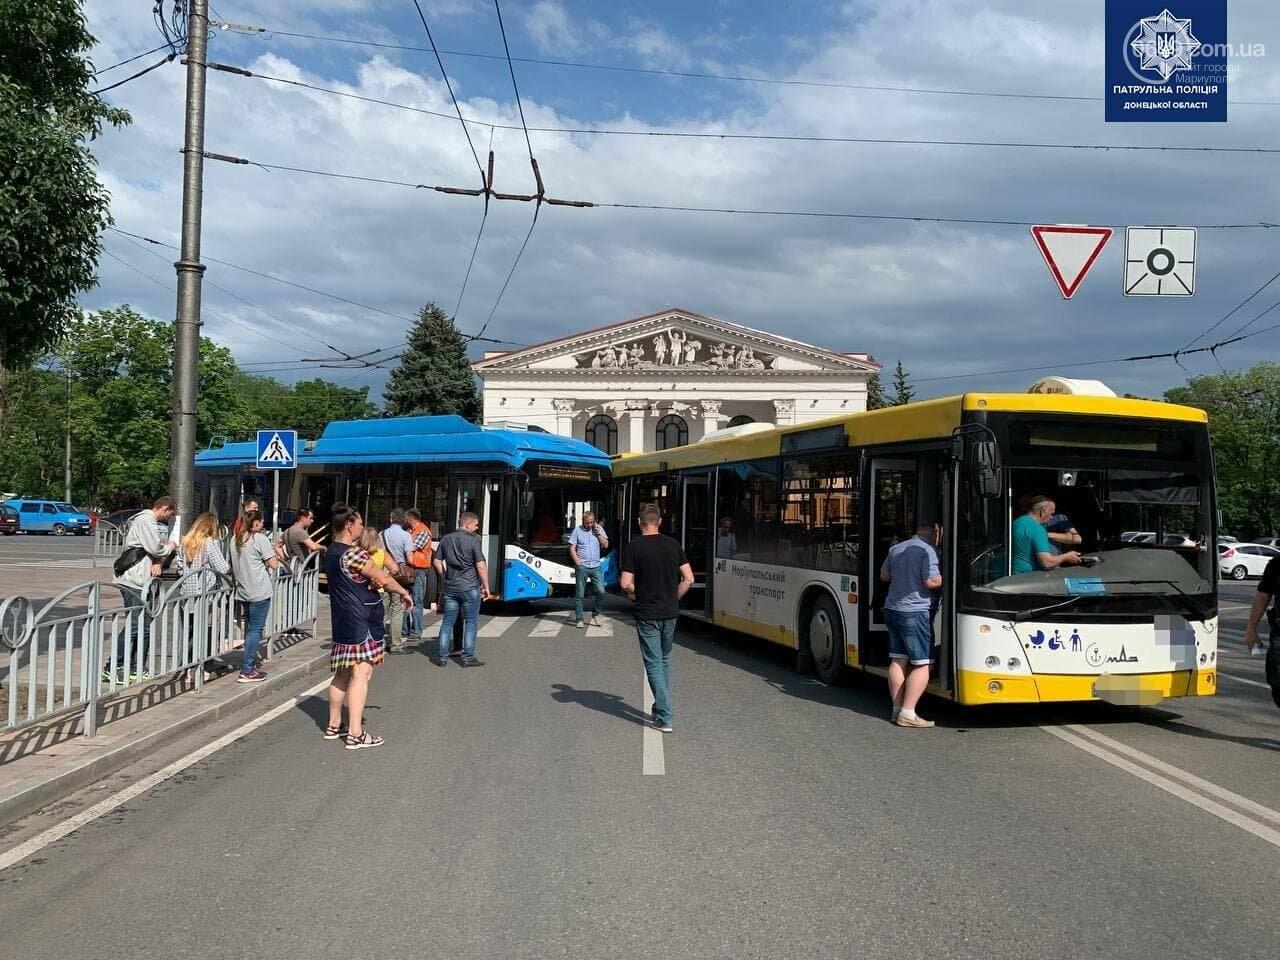 В самом центре Мариуполя столкнулись автобус и троллейбус, - ФОТОФАКТ, фото-7